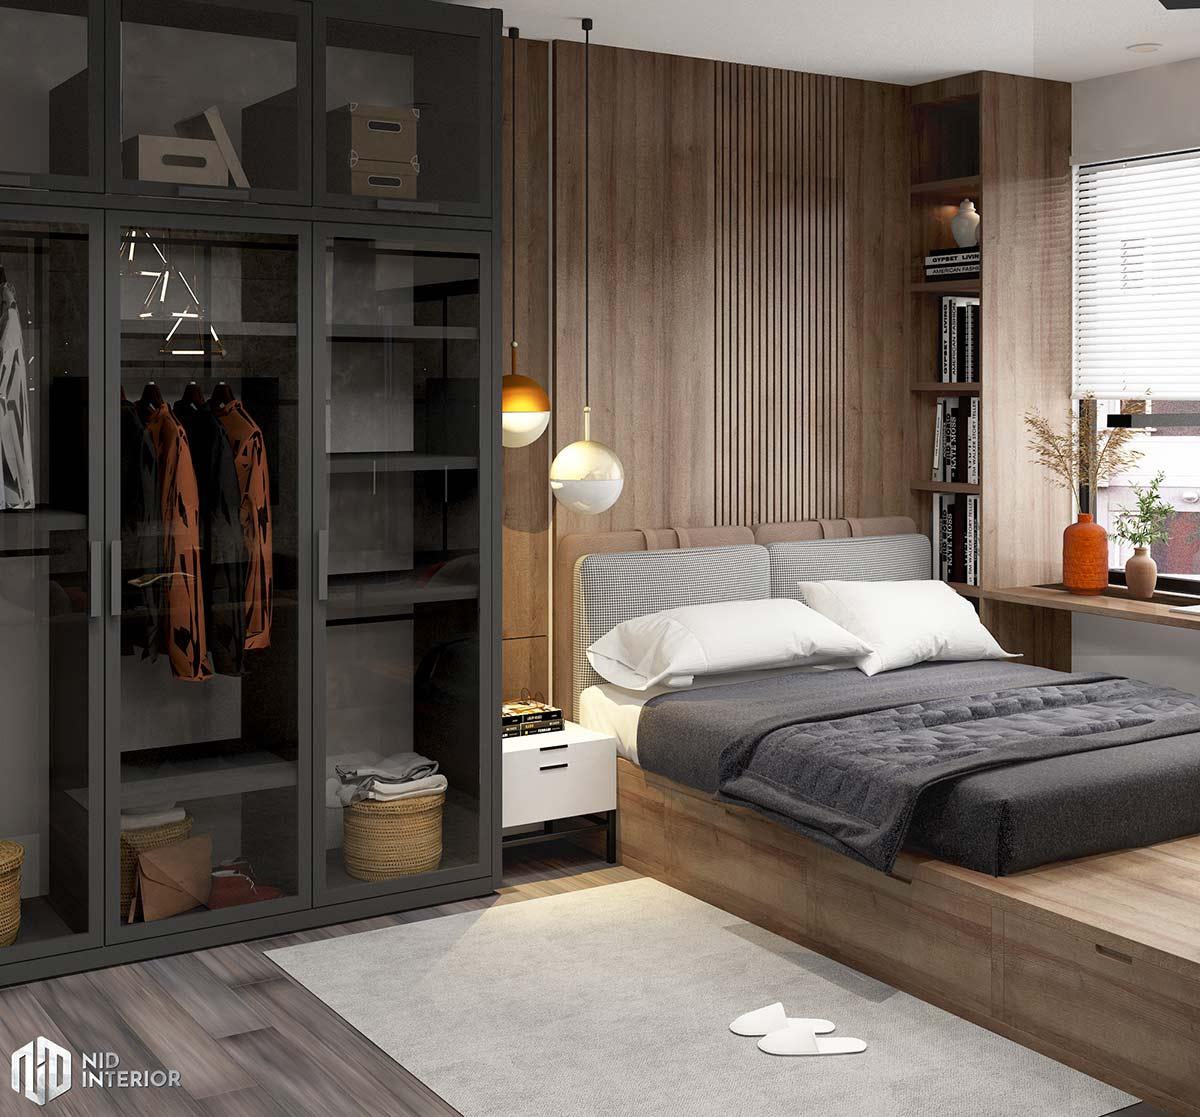 Thiết kế nội thất căn hộ Vinhomes Grand Park 50m2 - Phòng ngủ